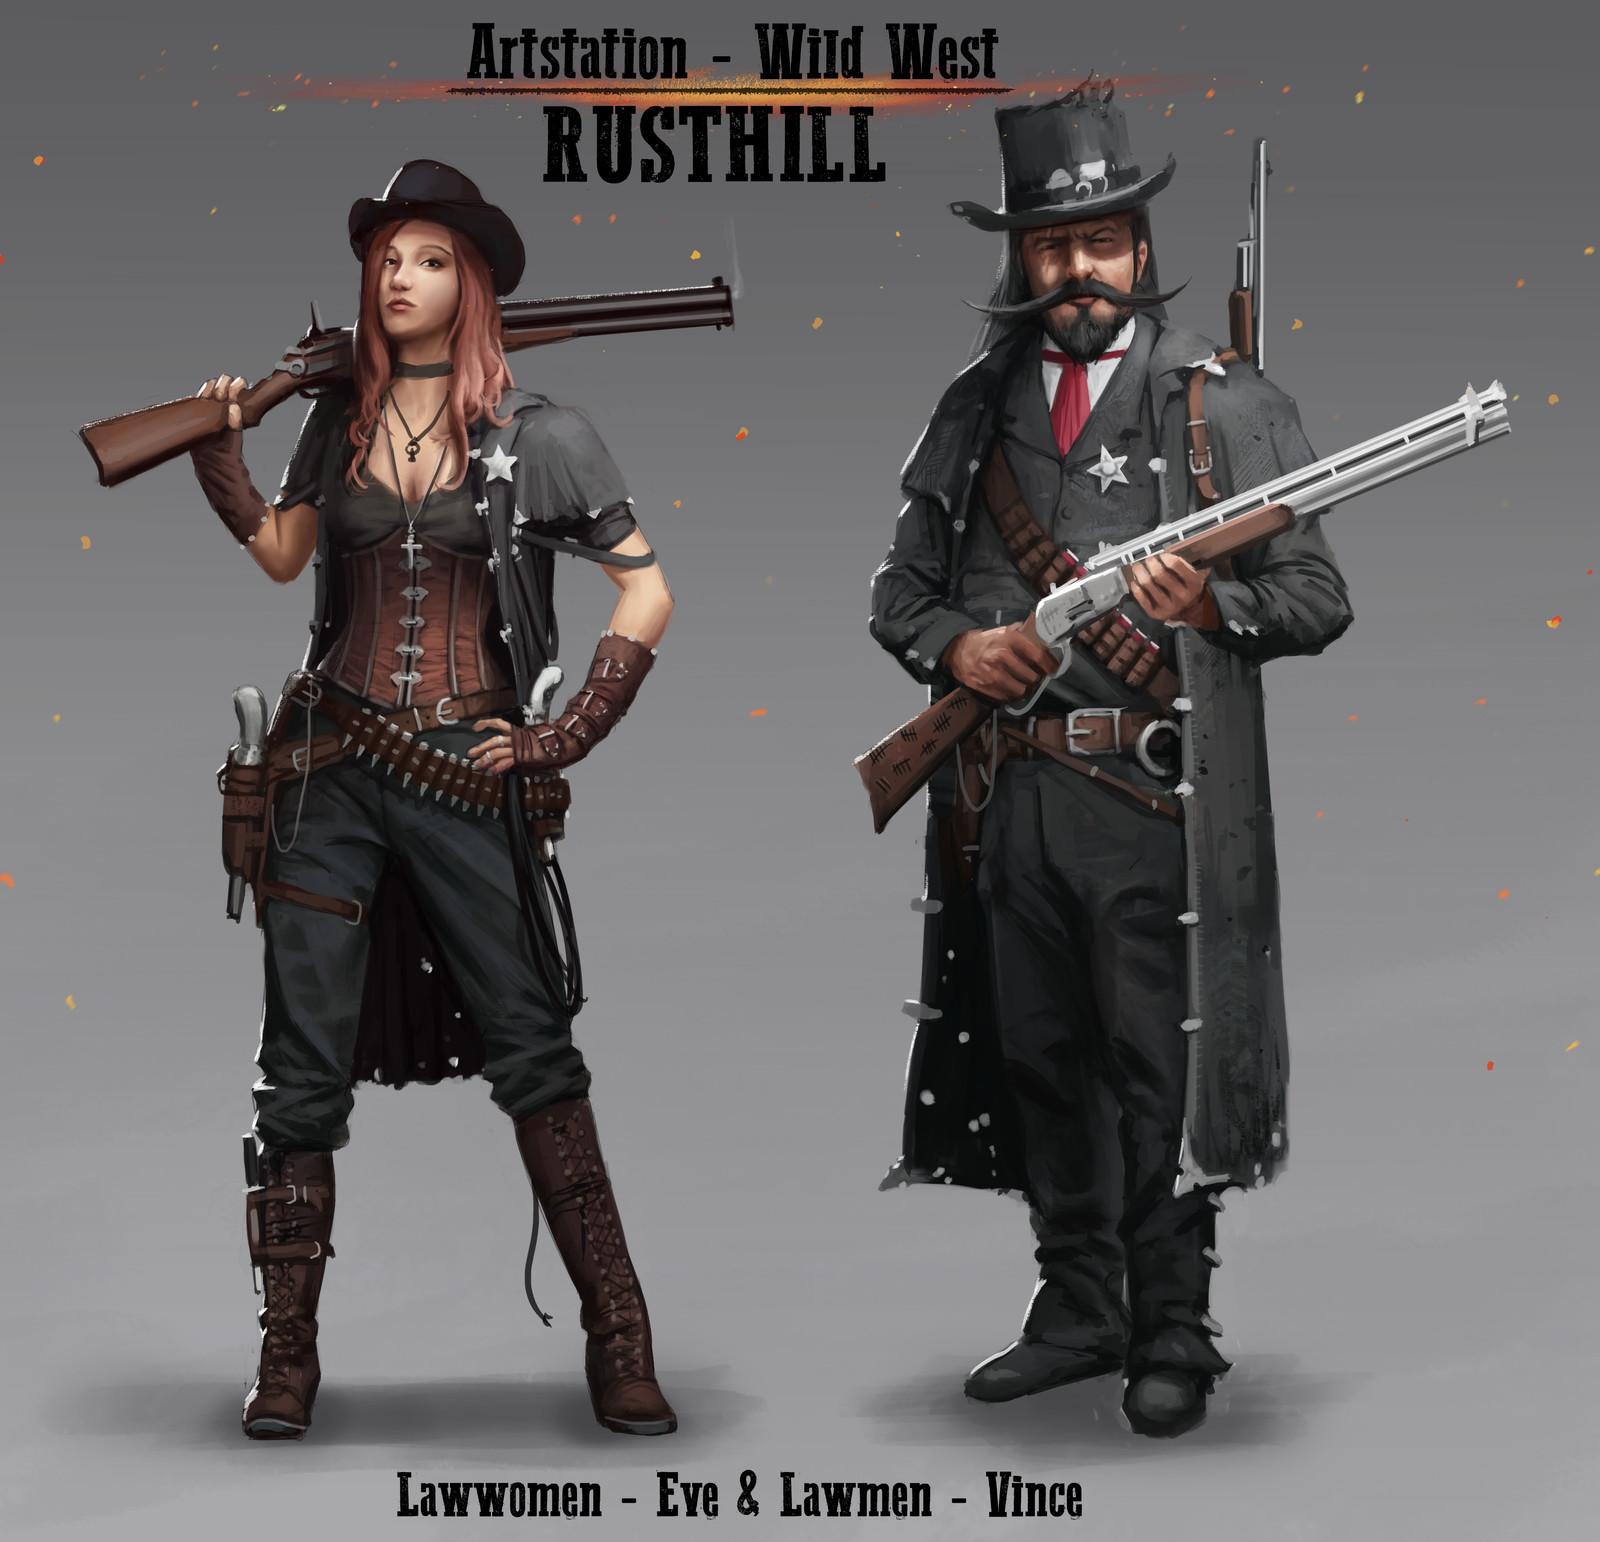 Law-woman / Law-man